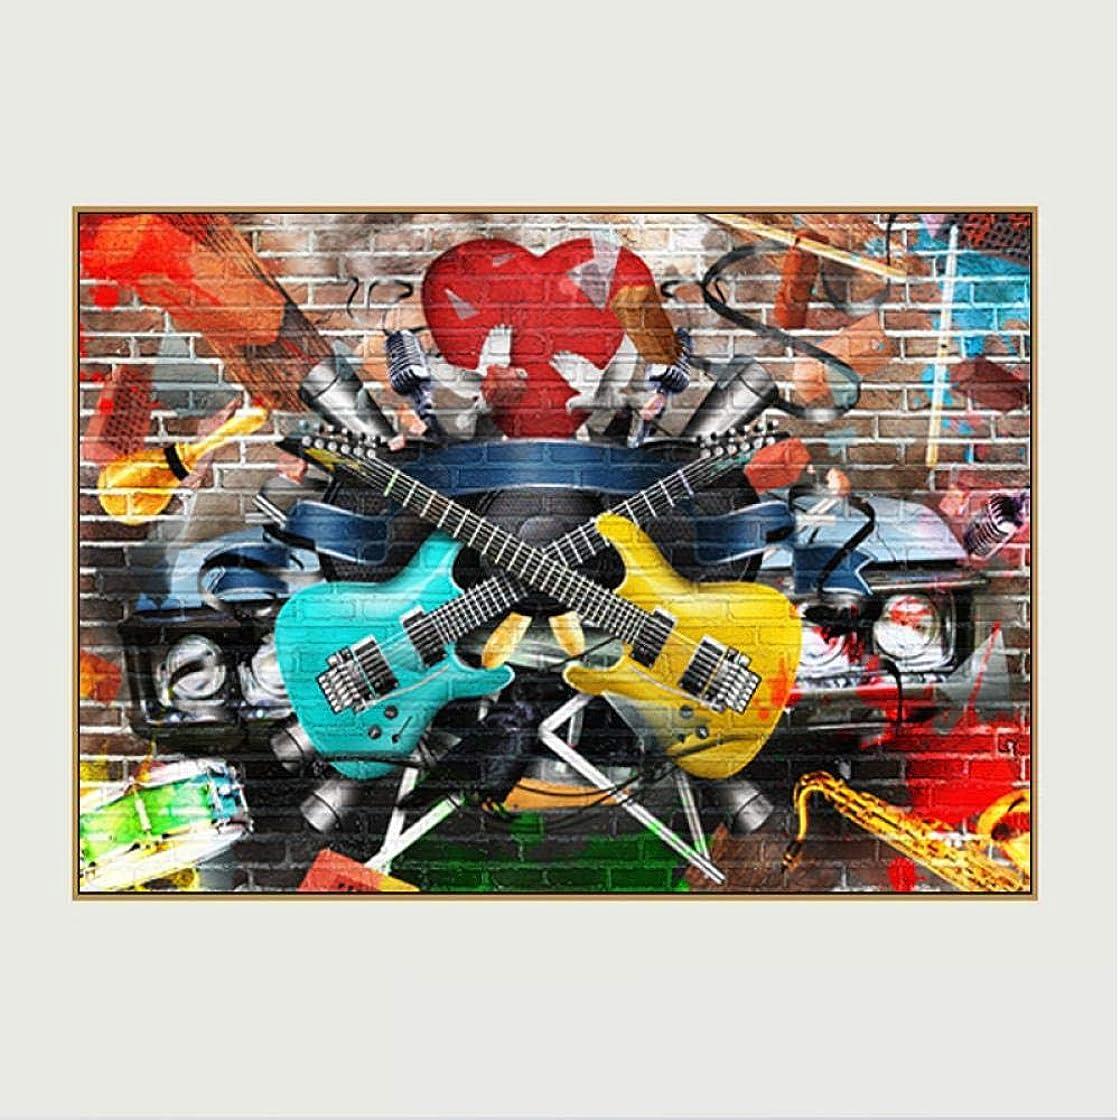 おじいちゃんマラソンベッツィトロットウッドkldfig アートバックストリートミュージックウォールアート写真ギターキャンバス絵画用リビングルームポスター印刷抽象アート-50 * 70センチ非フレーム